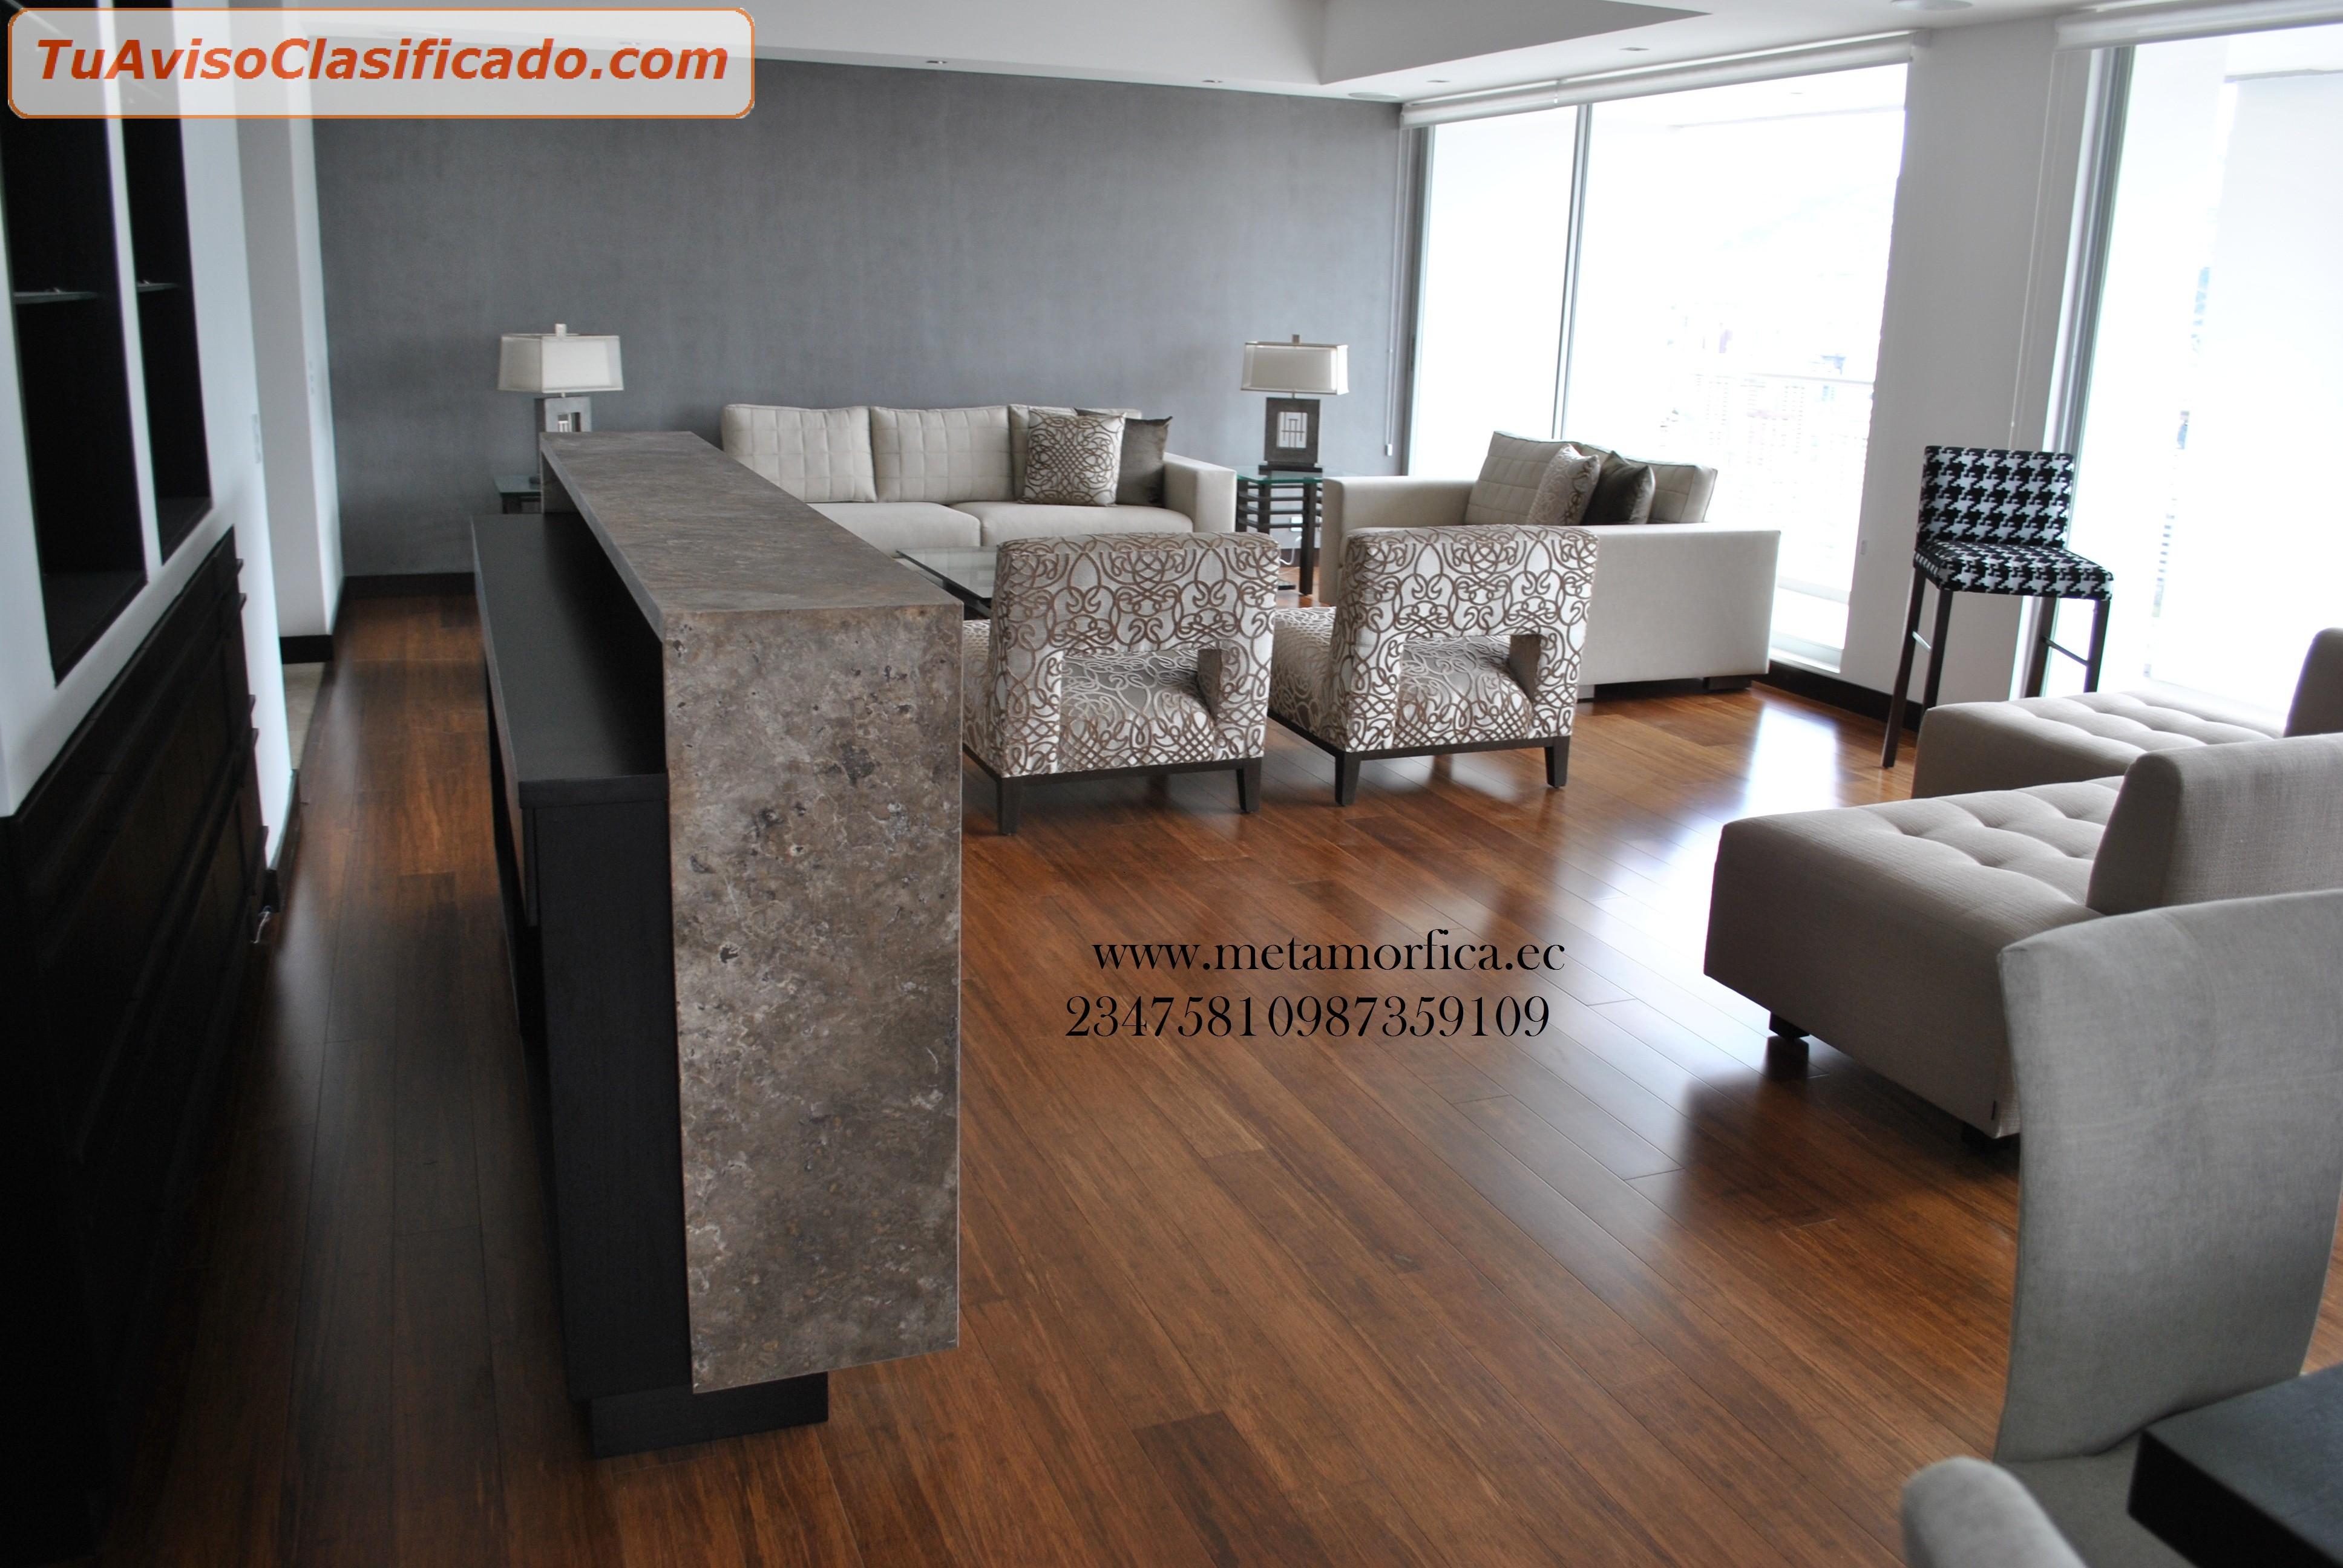 Granito importado 70ml servicios y comercios for Stone marmoles y granitos